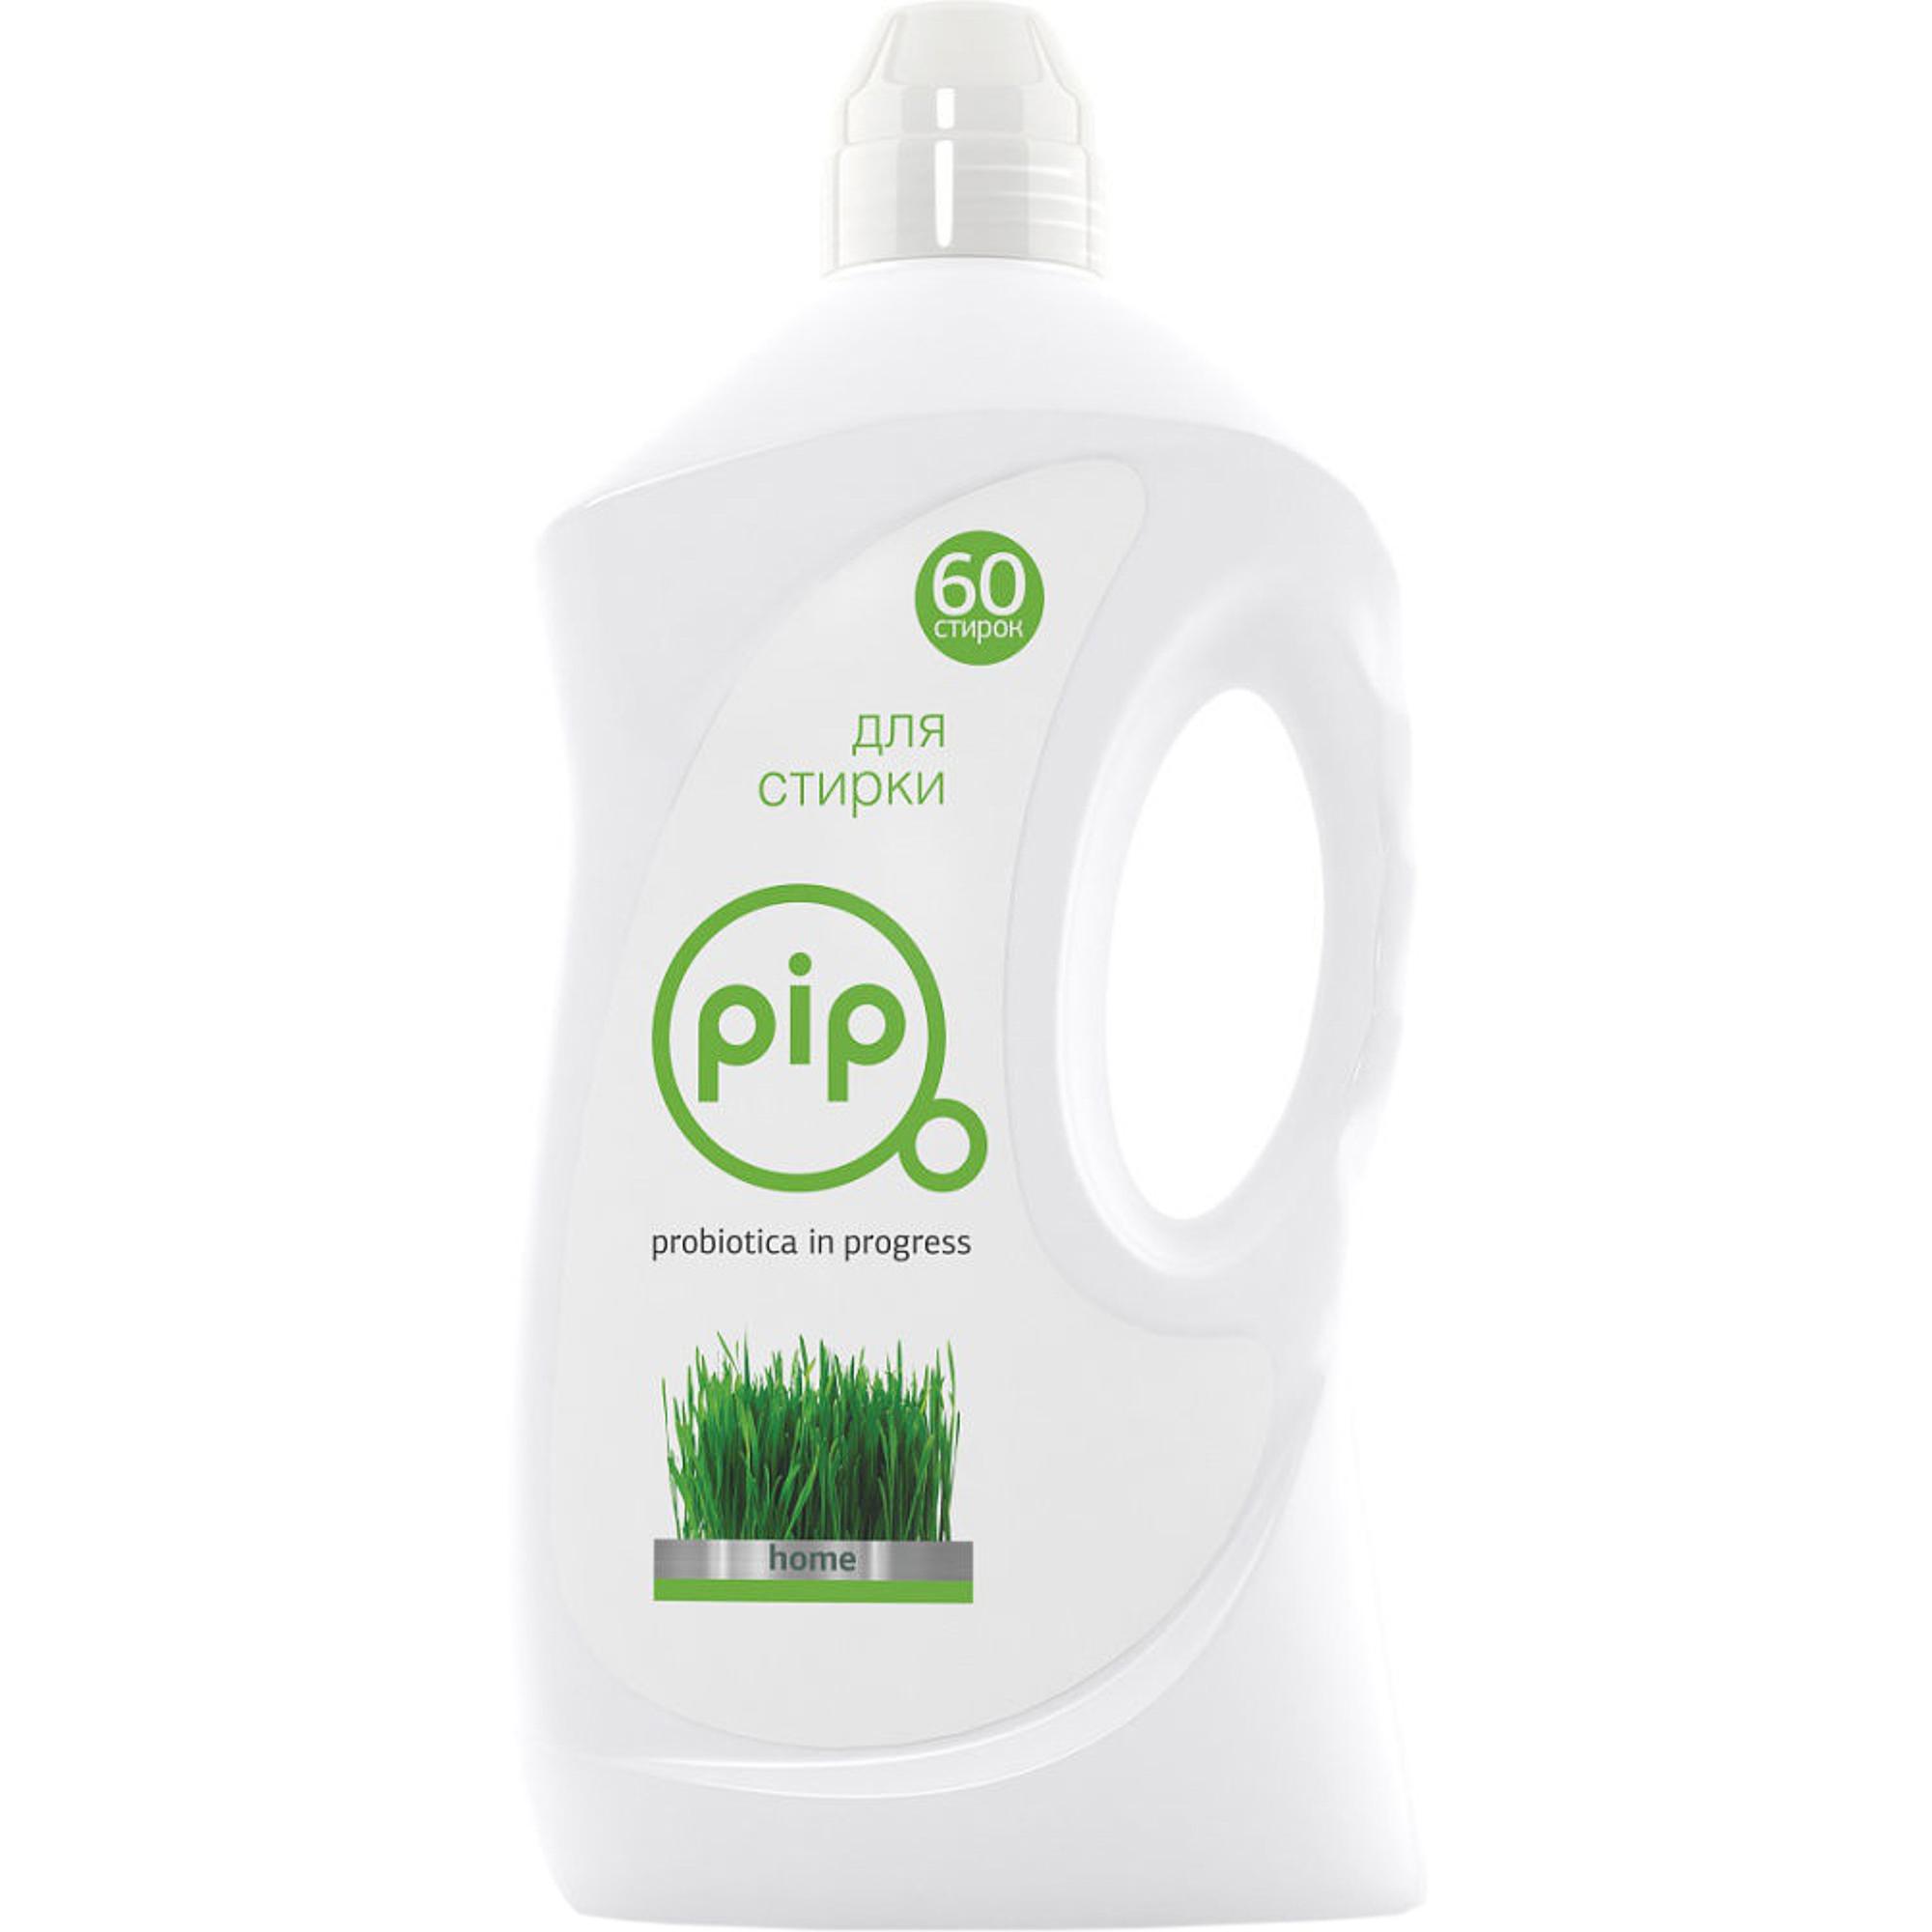 Гель для стирки PiP Пробиотический 1, 5 л, жидкое средство для стирки, Бельгия  - купить со скидкой